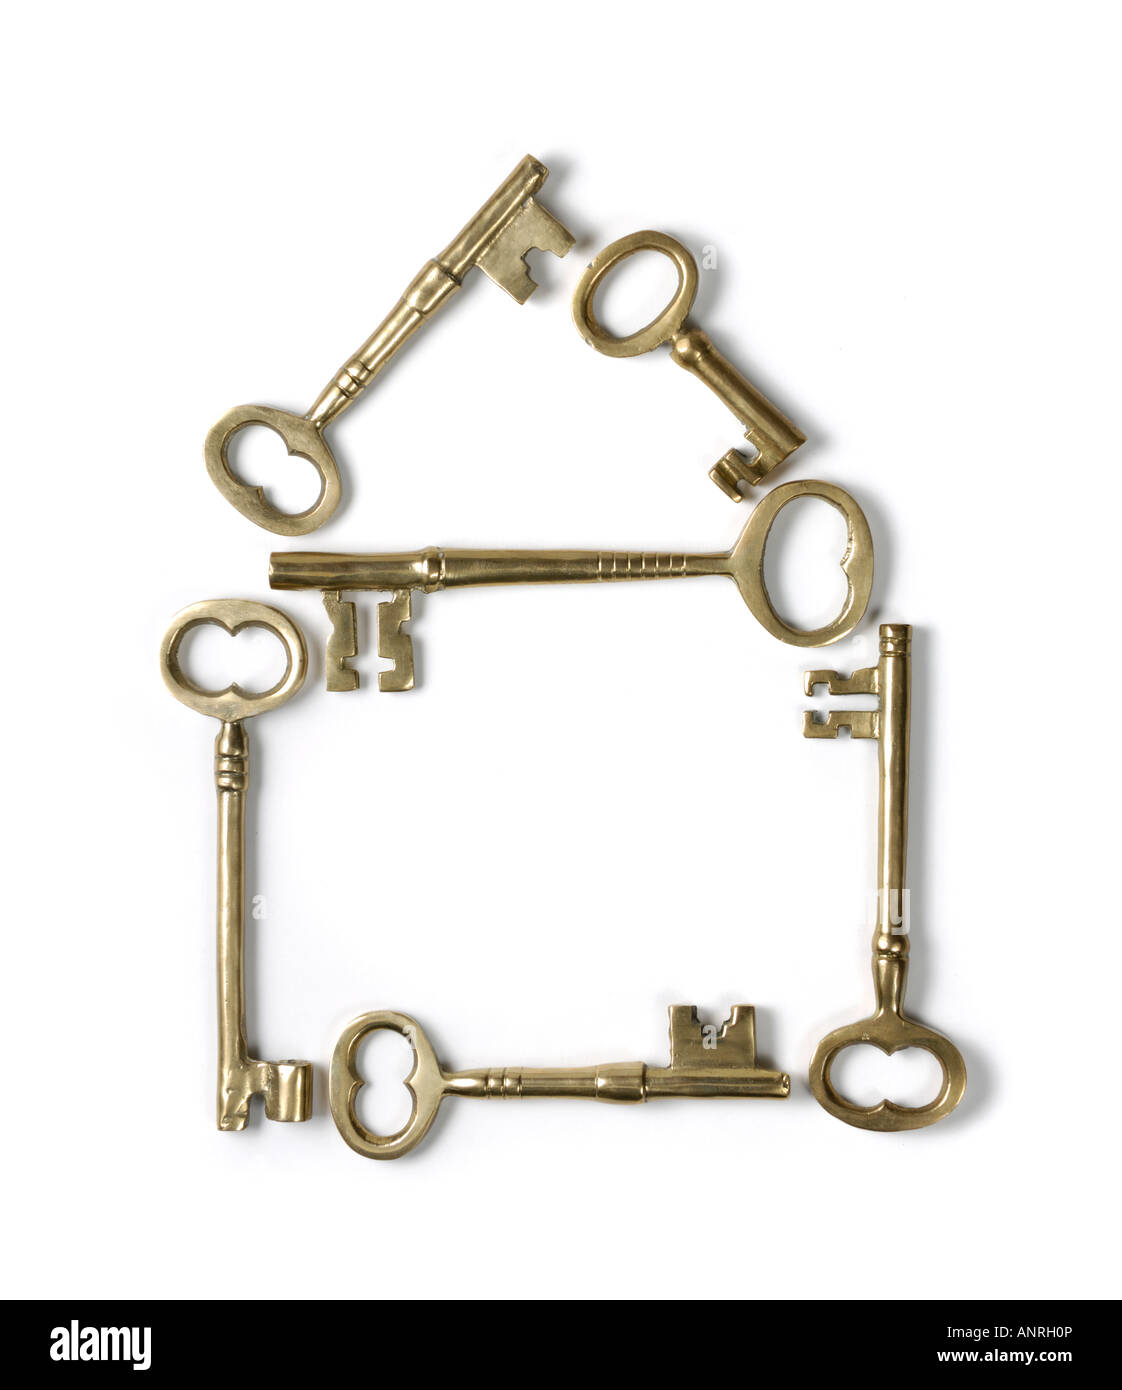 Il simbolo Home realizzata in ottone lucido chiavi dello scheletro Immagini Stock